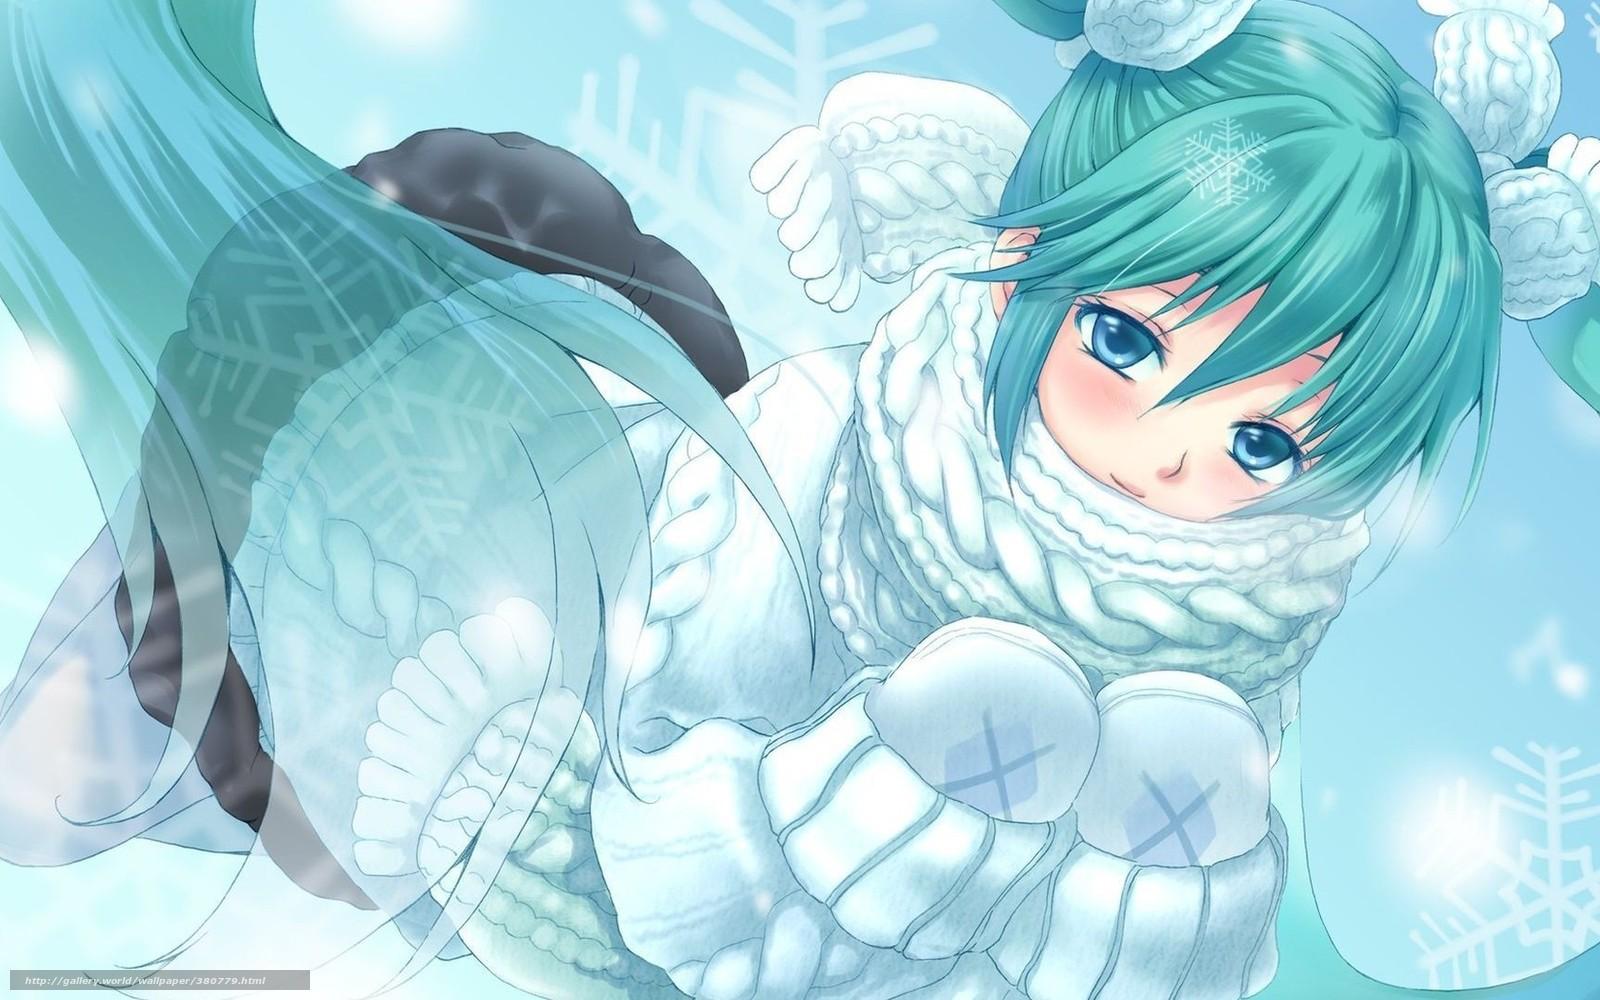 Winter anime wallpaper 2017 grasscloth wallpaper - Winter anime girl wallpaper ...